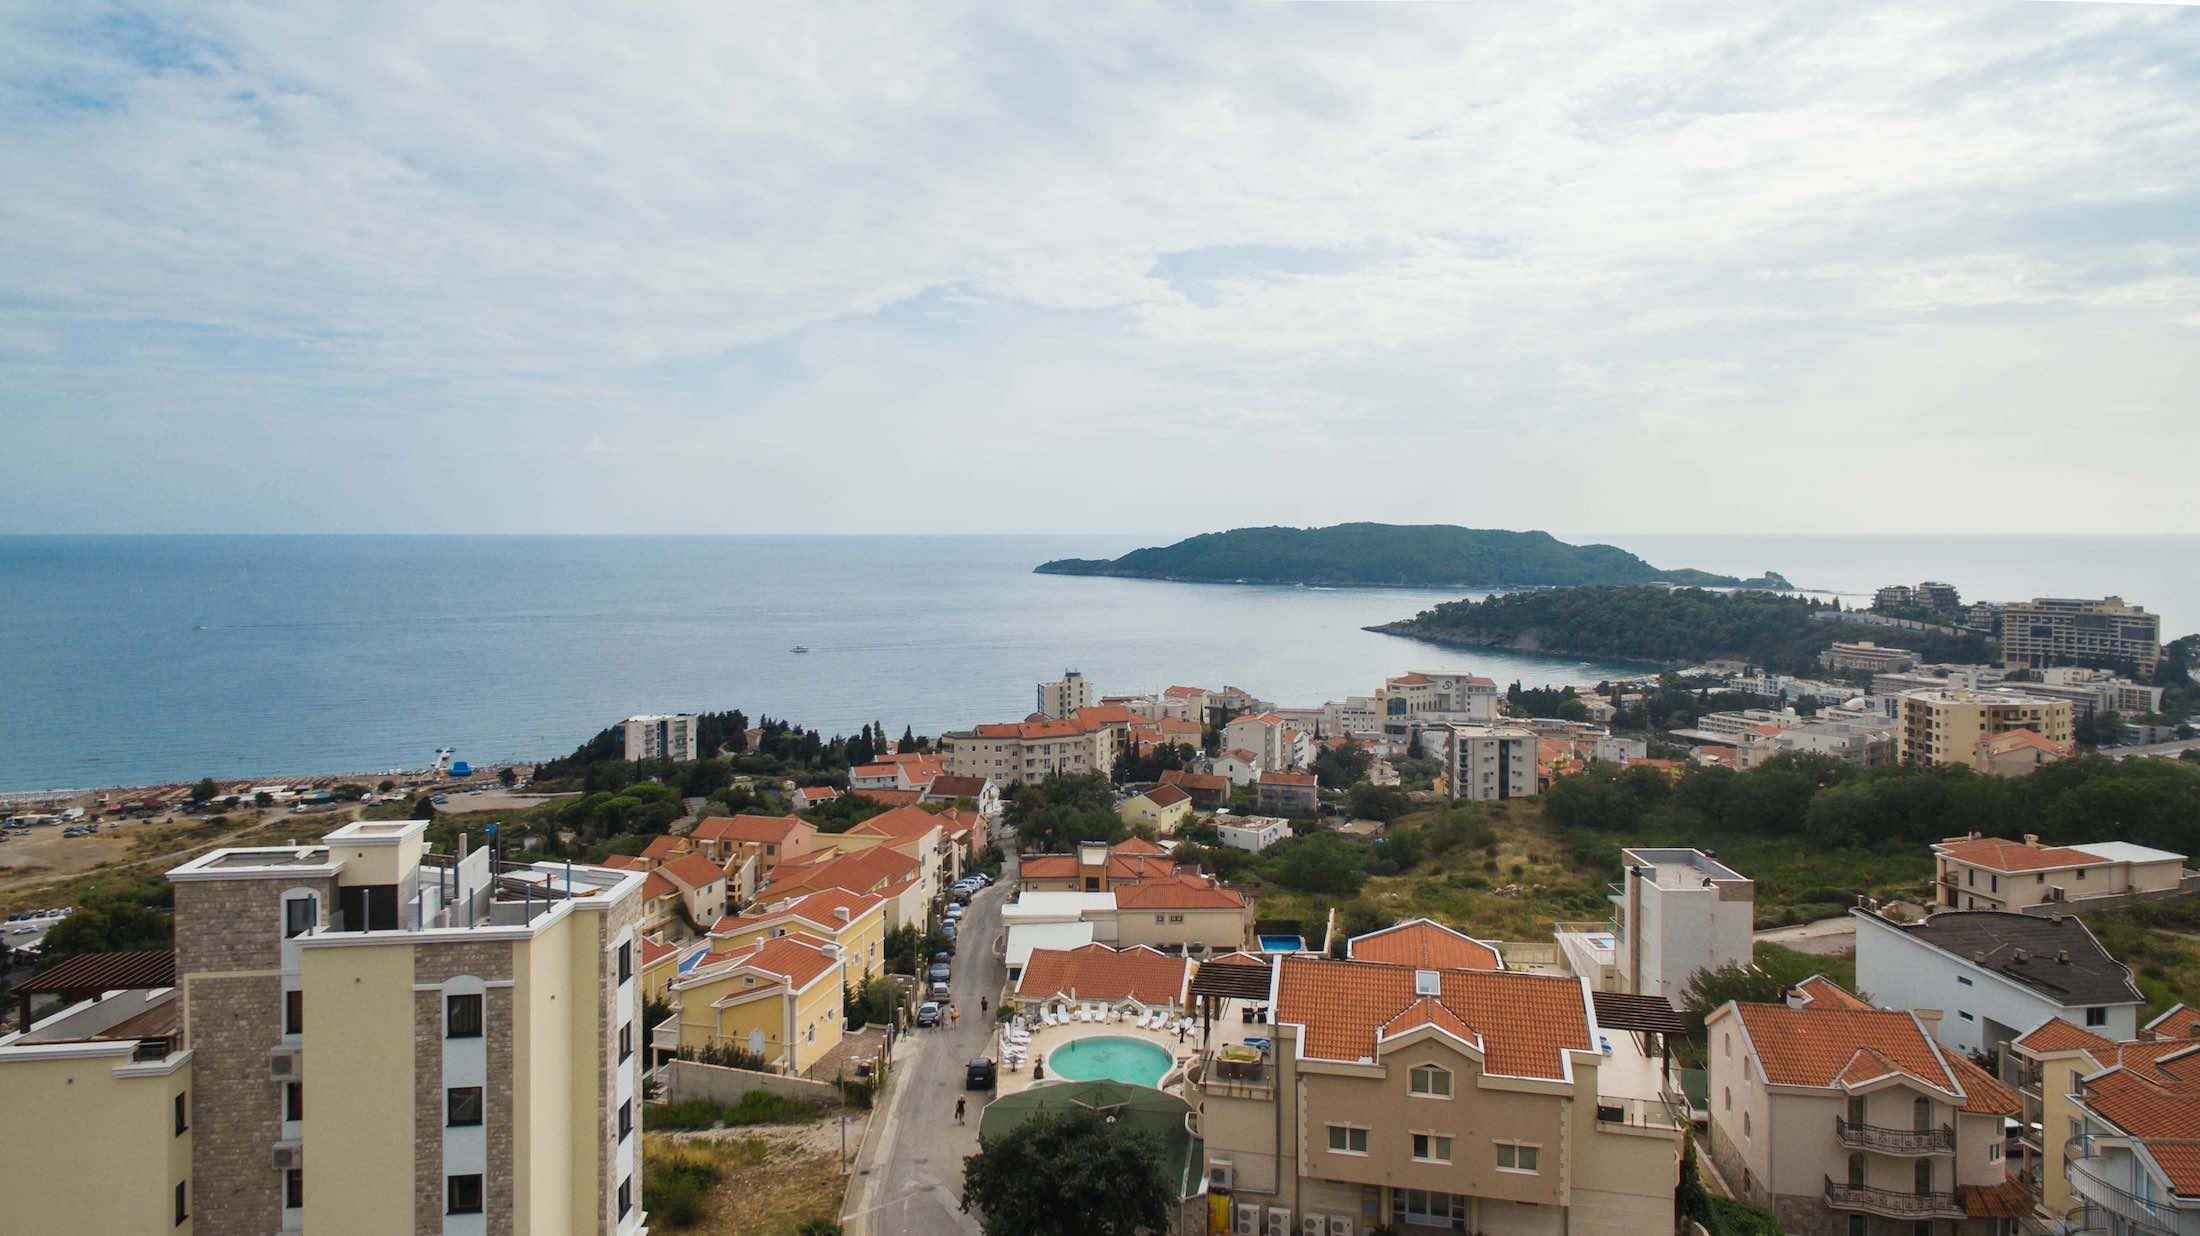 IVANOVICI ANATOLIA доходная недвижимость в черногории Бечичи Будва39.jpeg